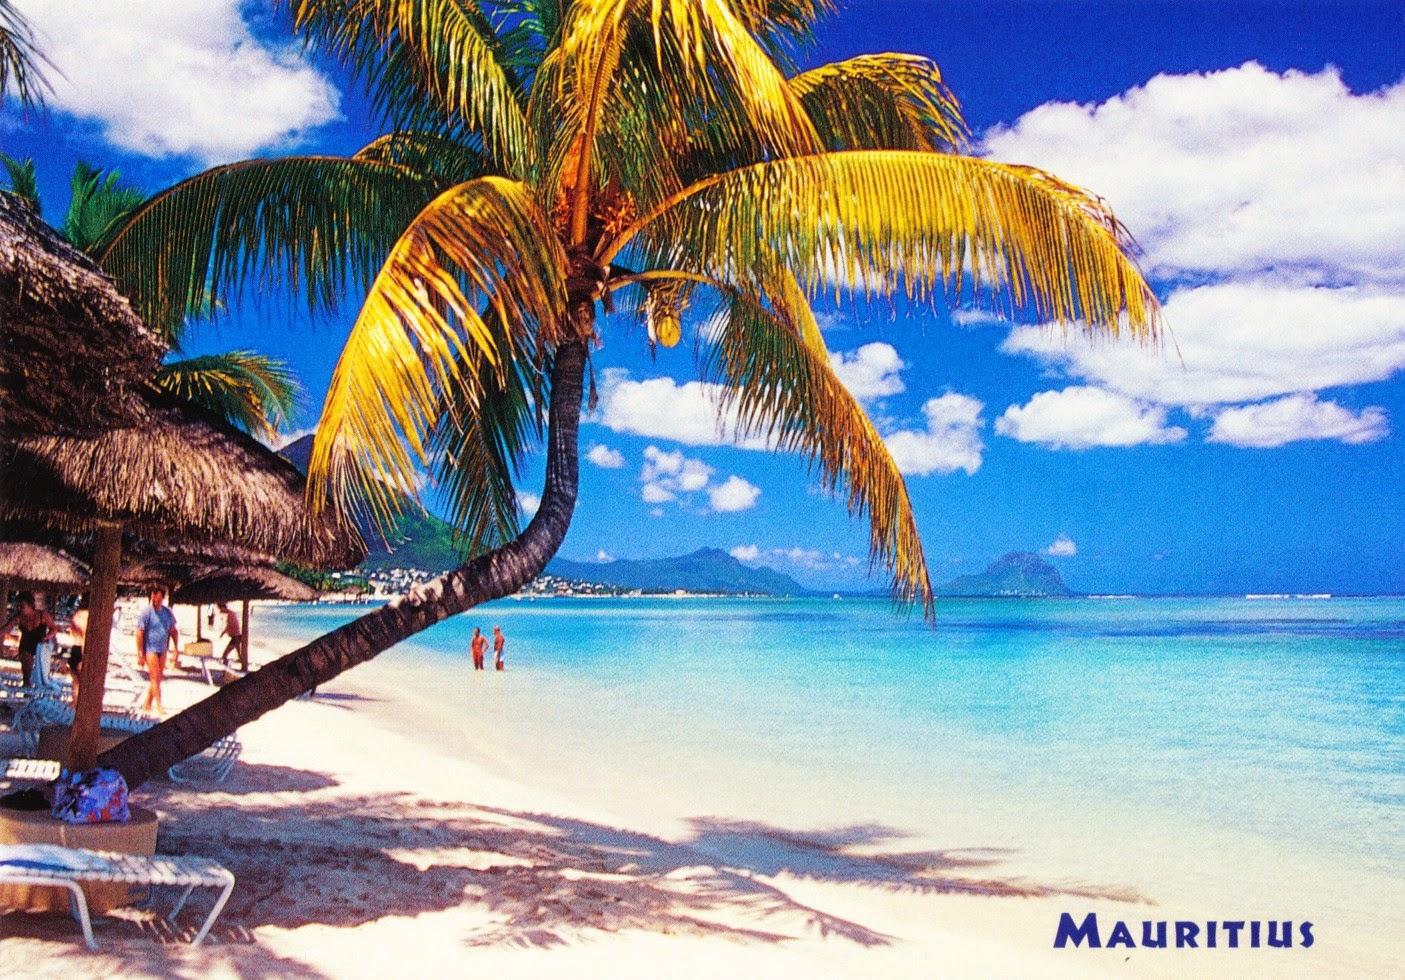 postcard, mauritius, beach